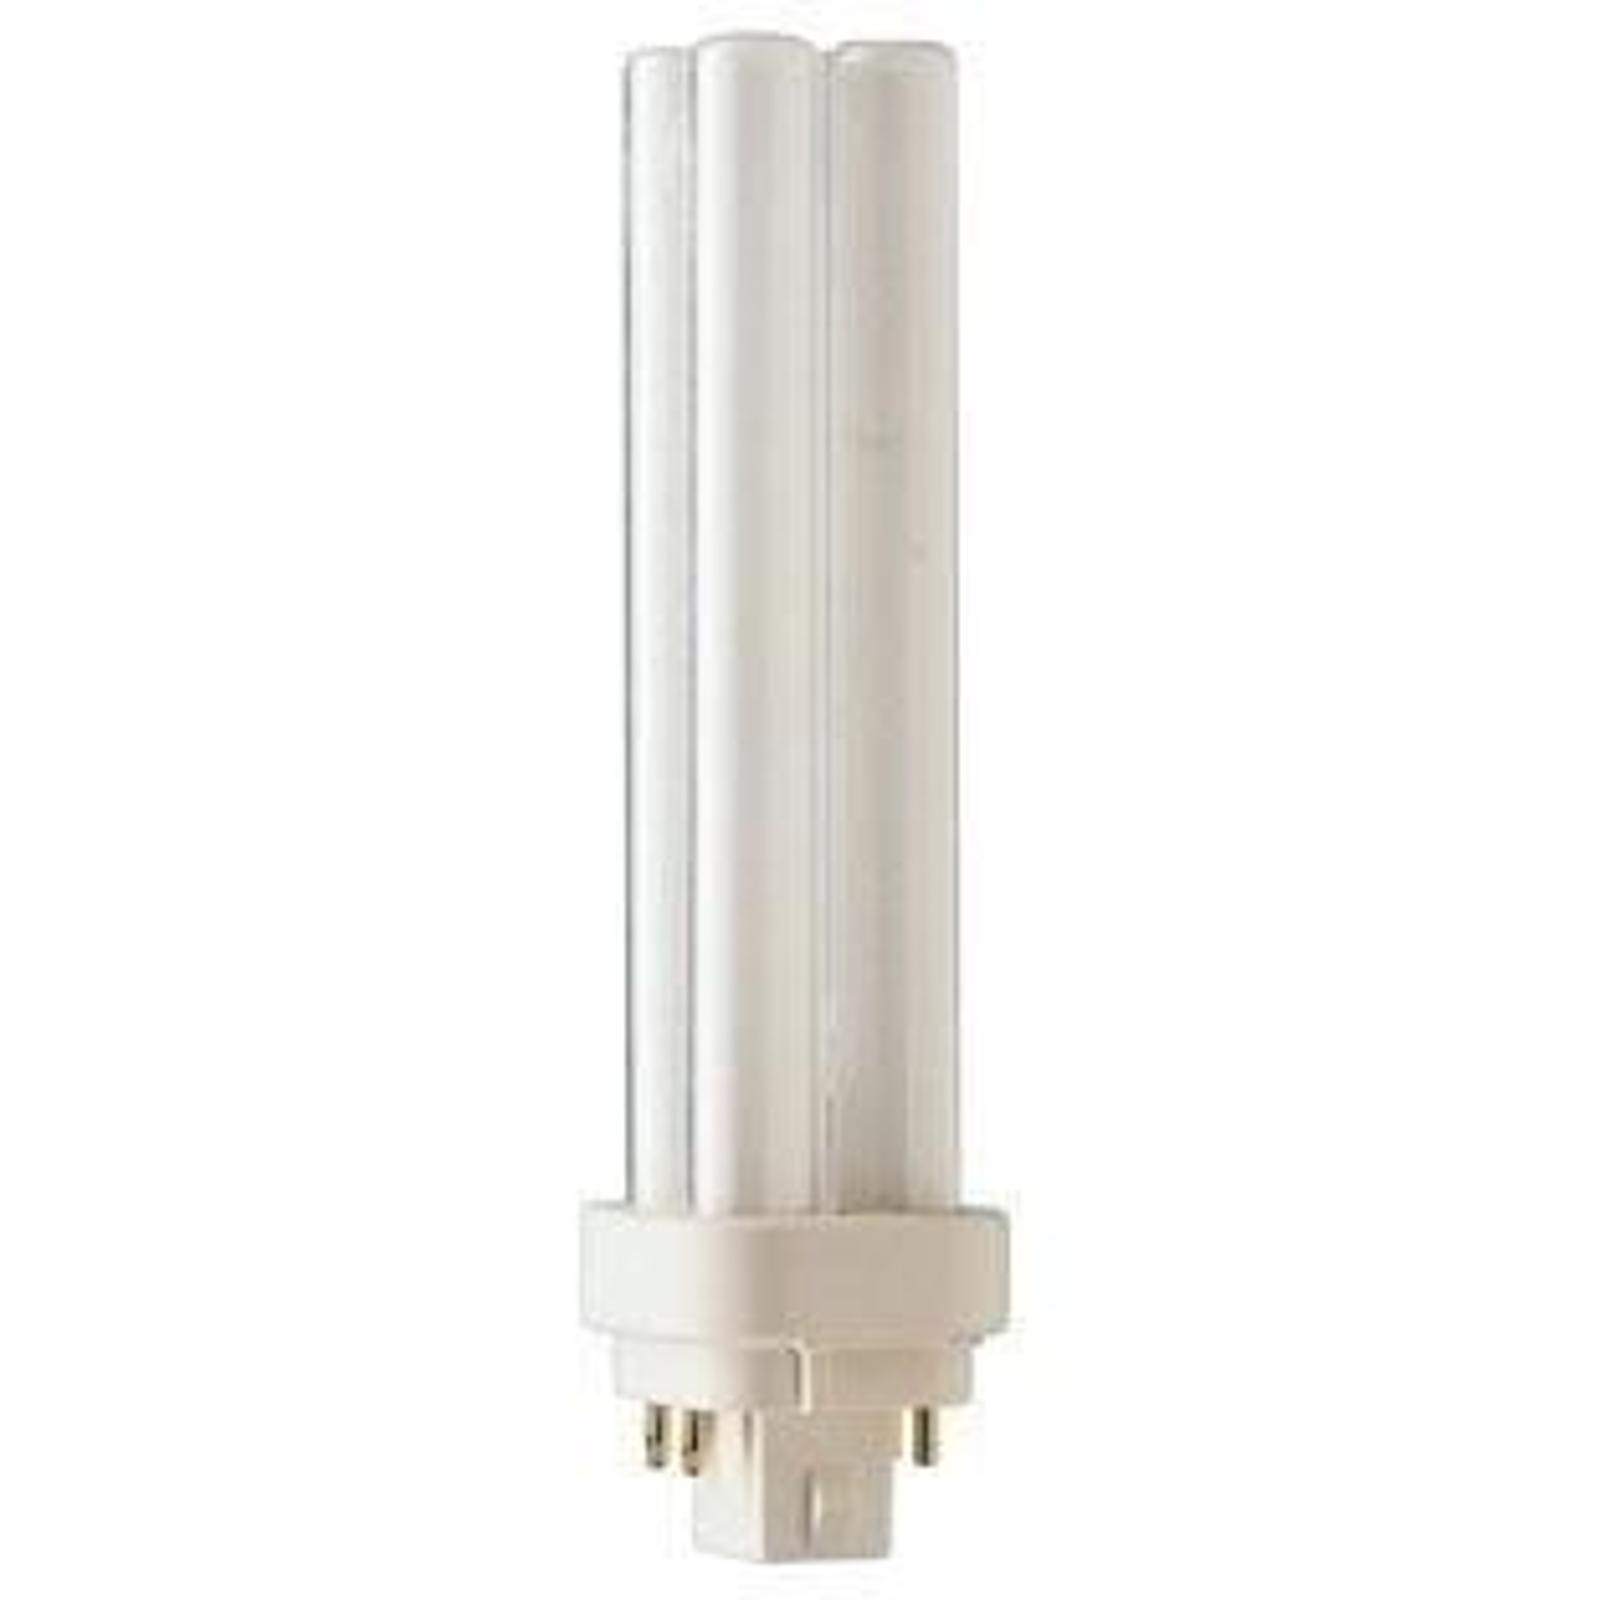 G24q 18W 840 świetlówka kompaktowa Dulux D E